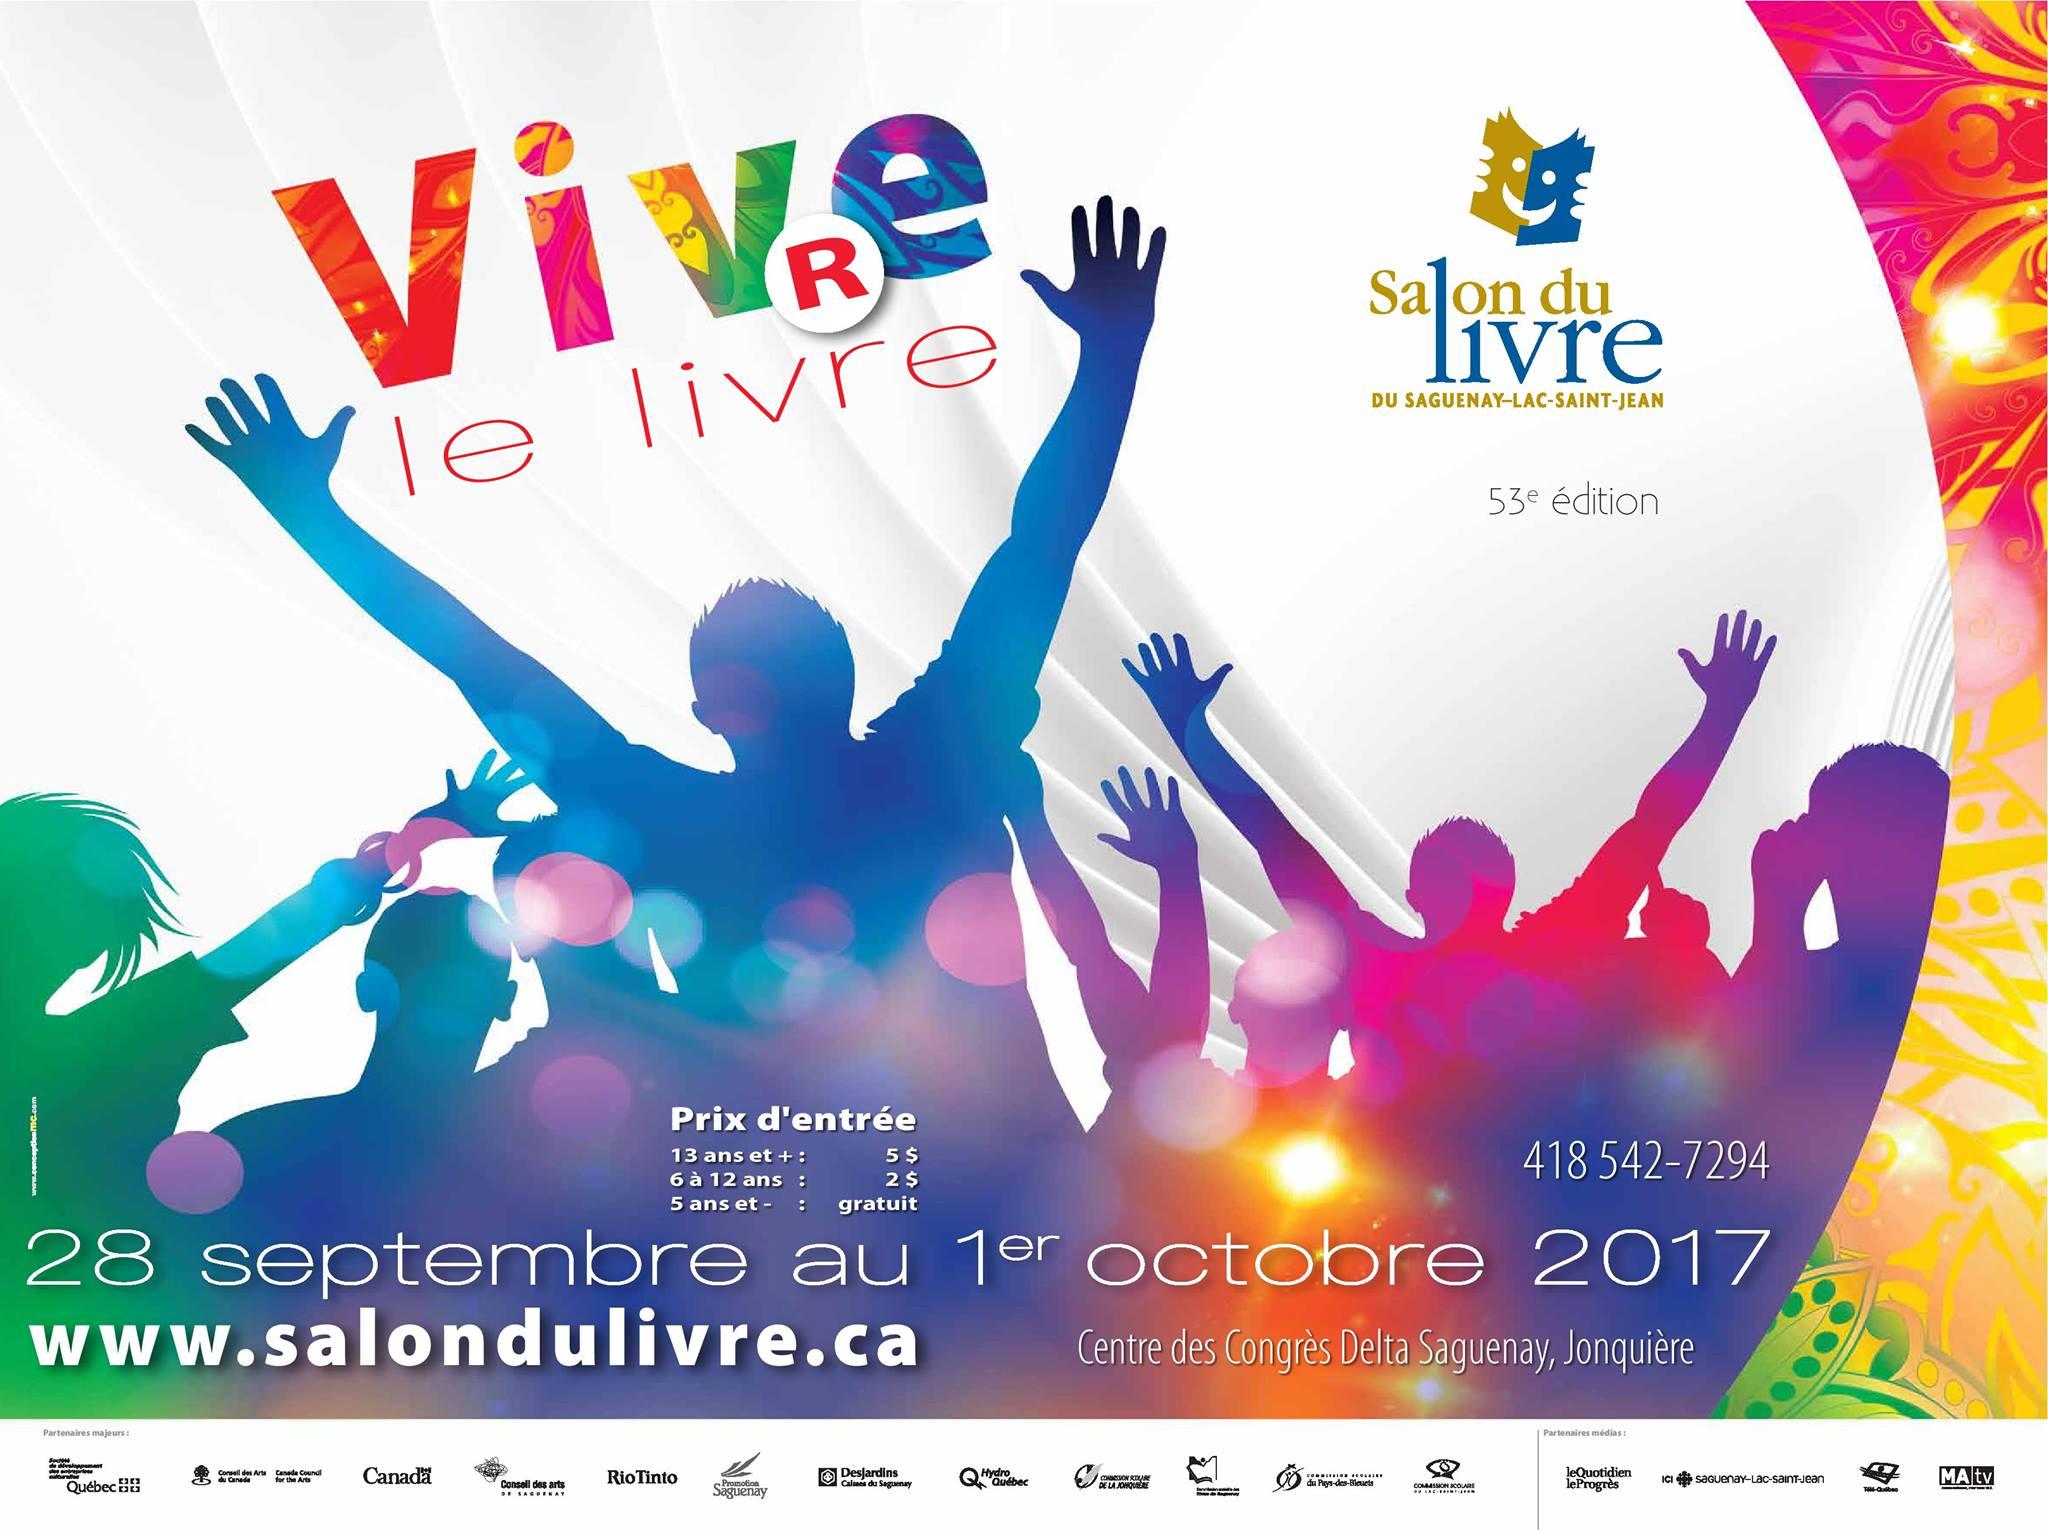 Vivre le livre - Le Salon du livre du Saguenay-Lac-Saint-Jean